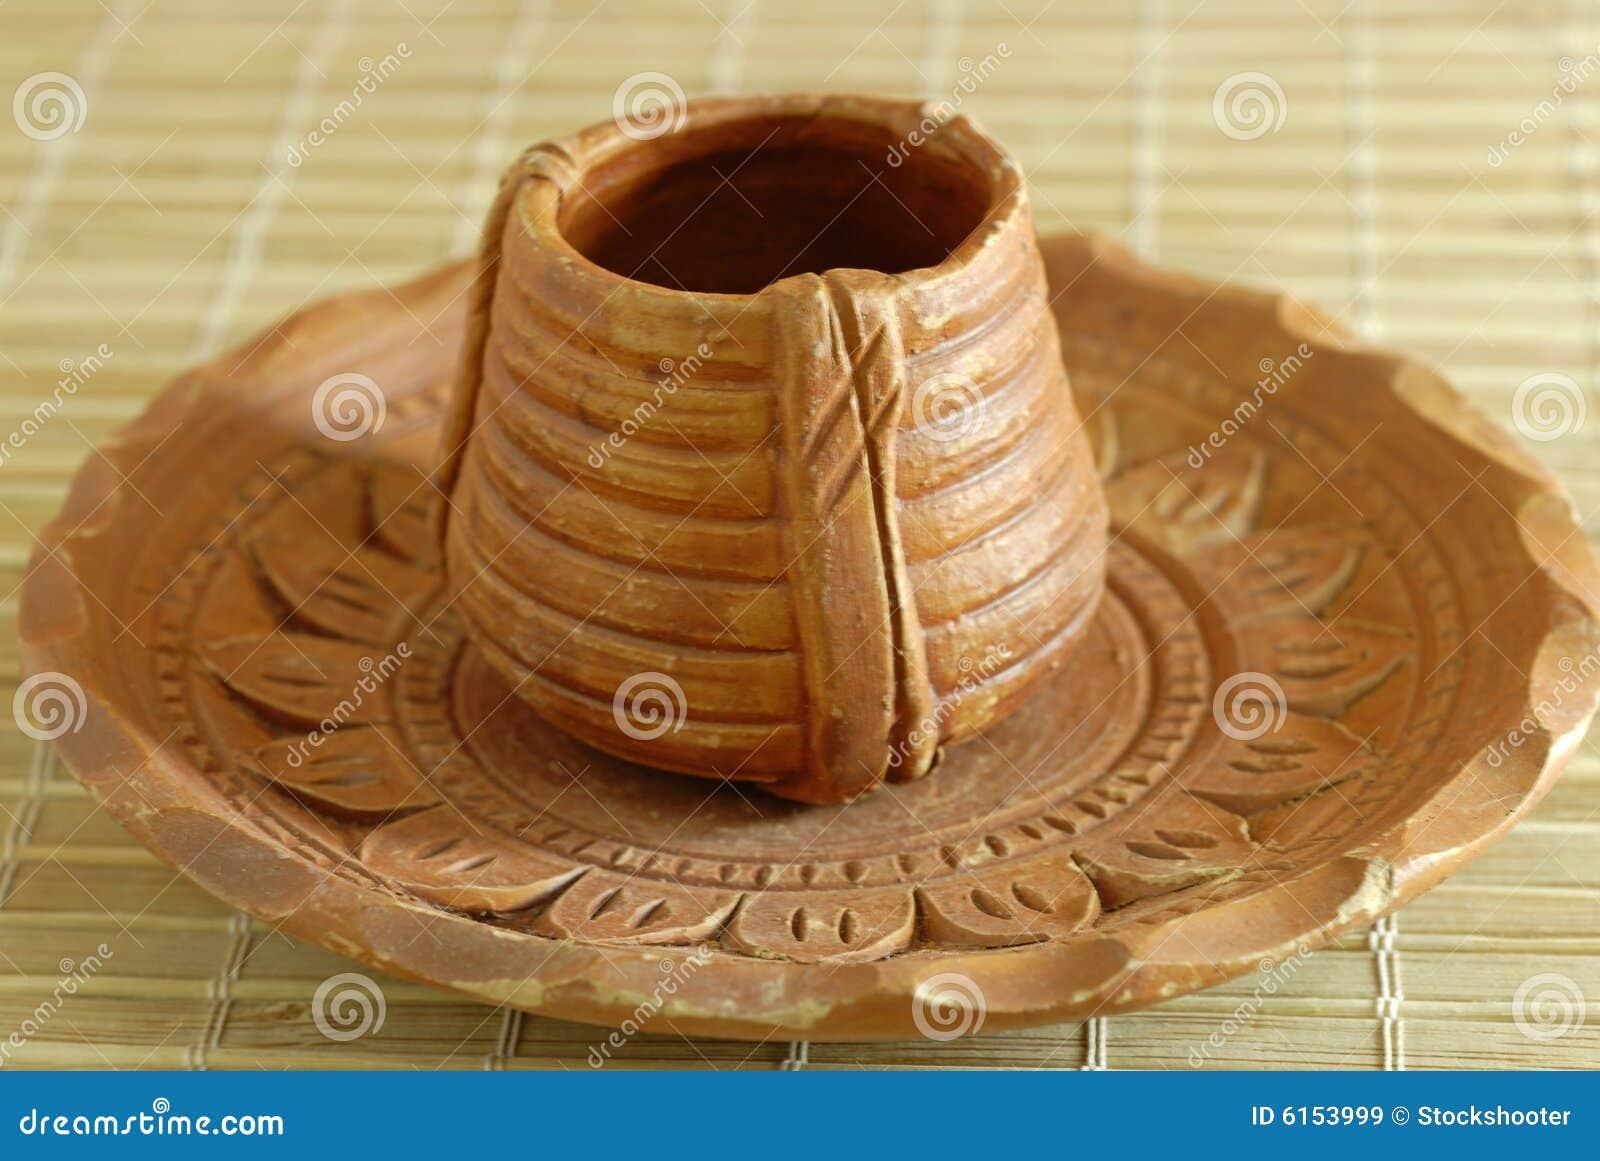 Copo e Saucer de chá Earthen da cerâmica